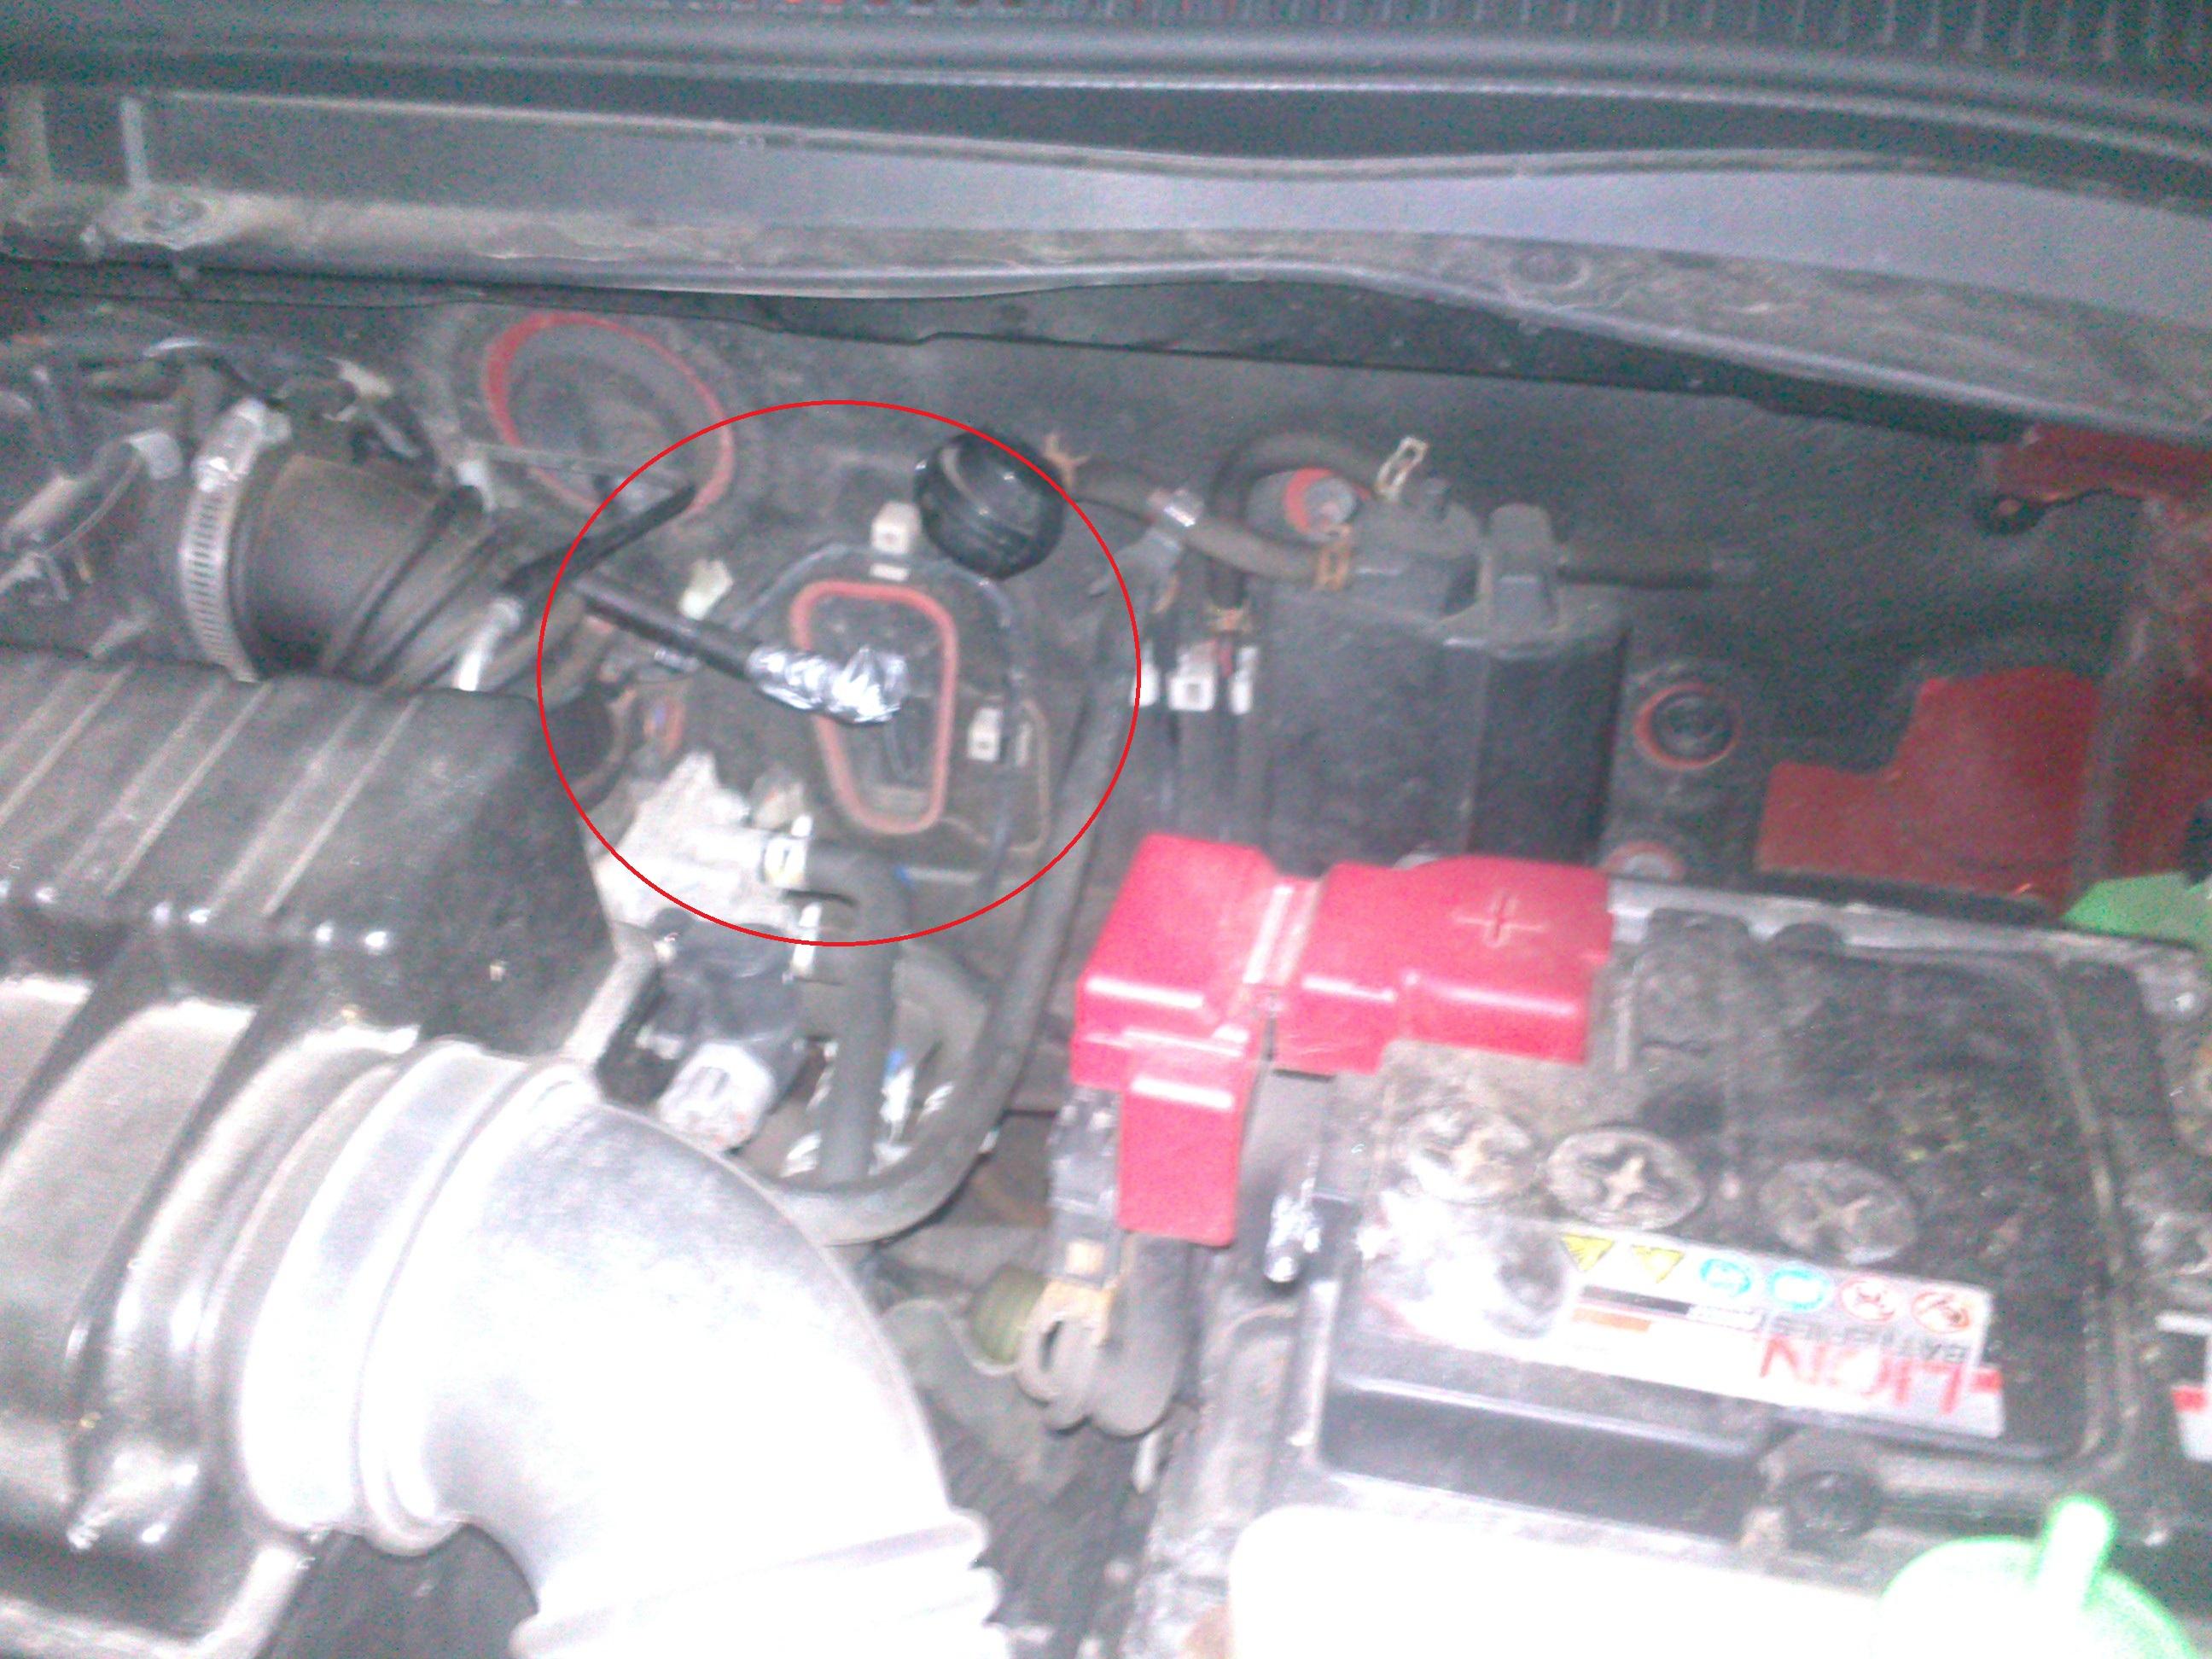 Suzuki Swift 1.3 (2007) - Brak jakiej� cz�ci ko�o silnika (Co to mo�e by�?)